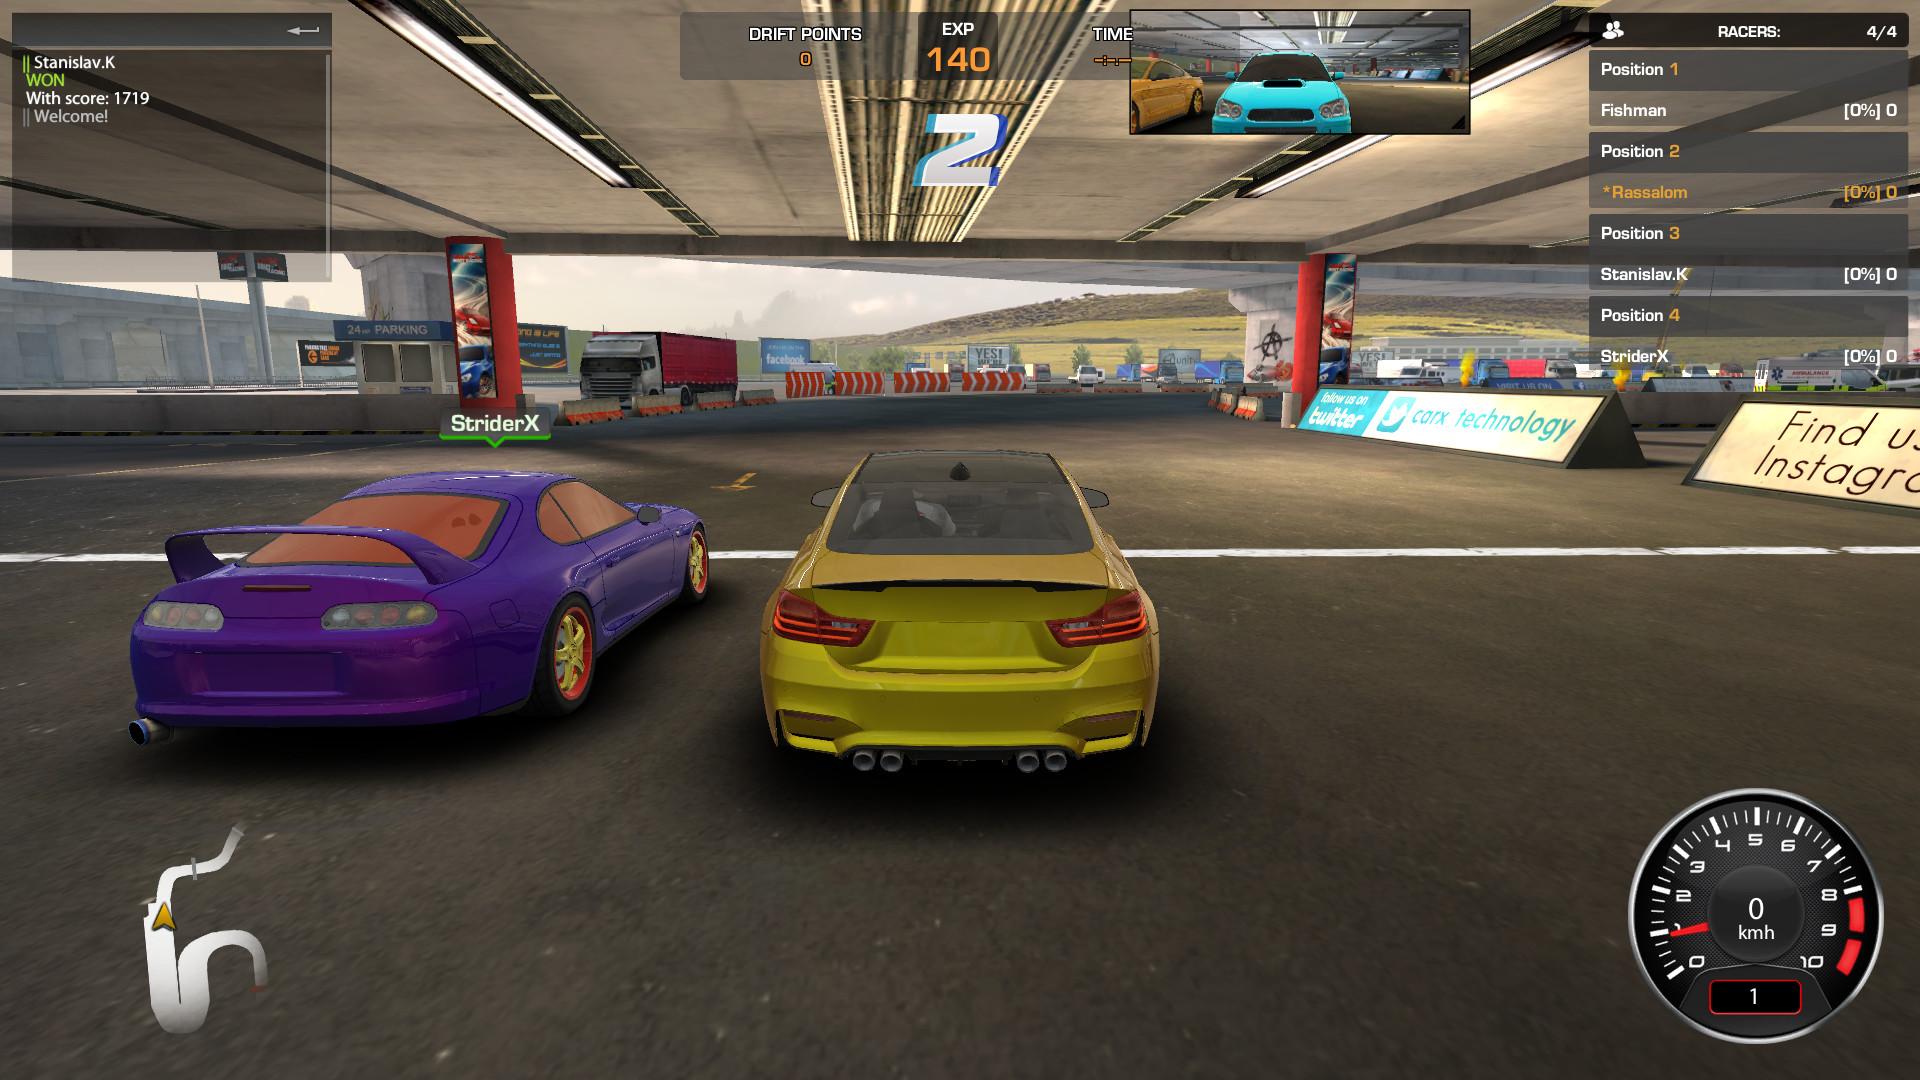 Carx drift racing скачать на компьютер торрент